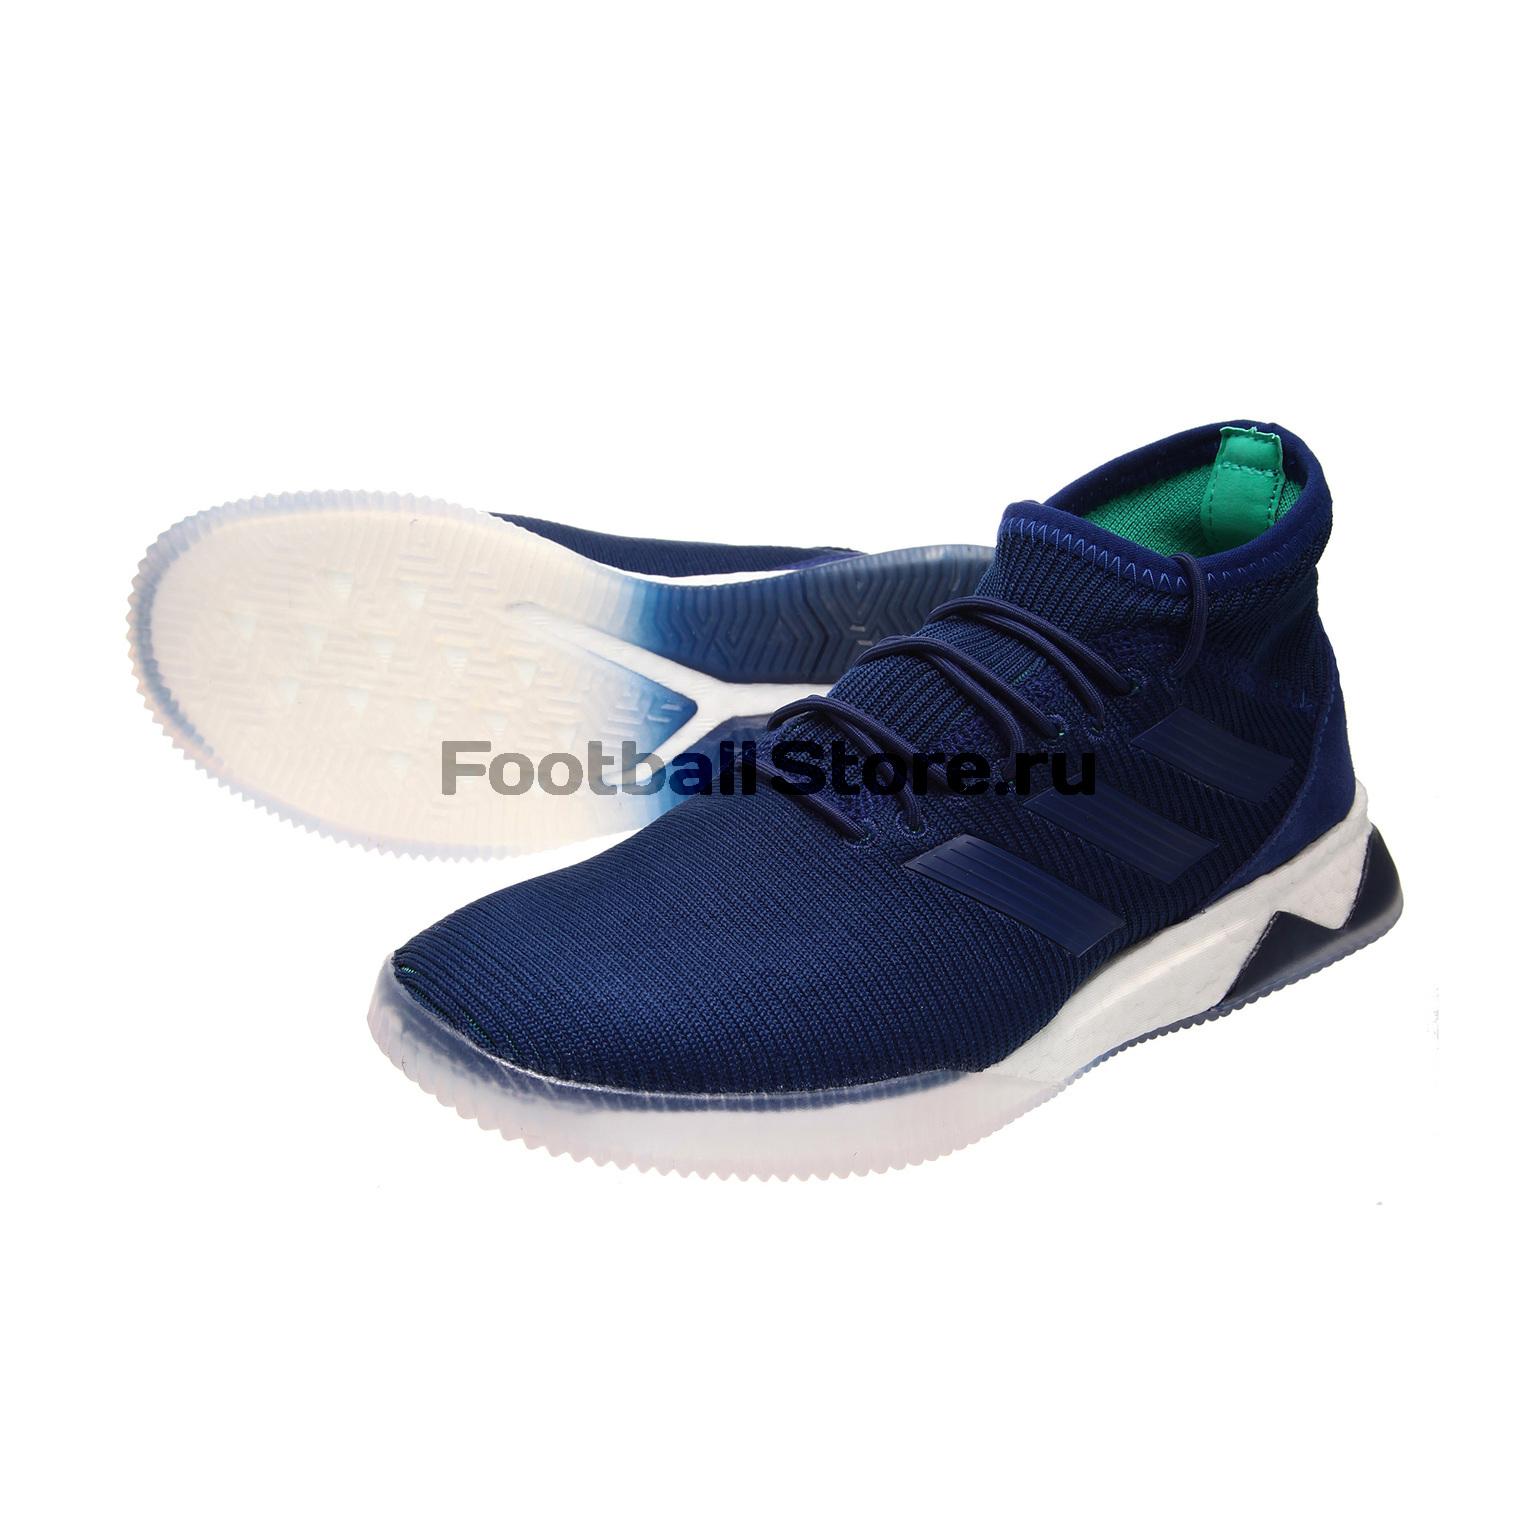 Футбольная обувь Adidas Predator Tango 18.1 TR CP9270 обувь для туризма adidas